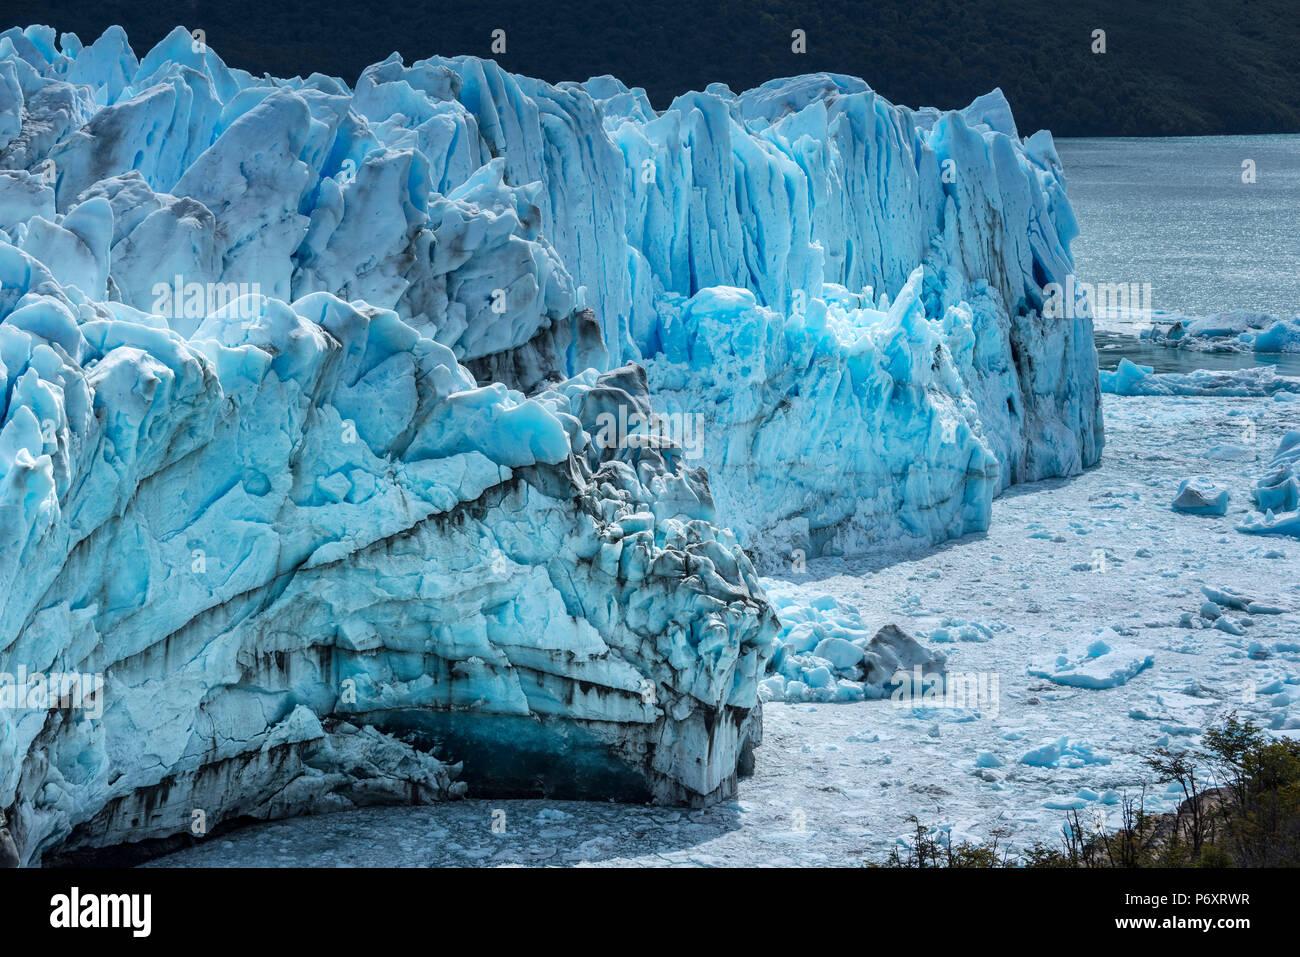 South America, Argentina, Patagonia, Santa Cruz, El Calafate, Los Glaciares National Park, Perito Moreno glacier - Stock Image